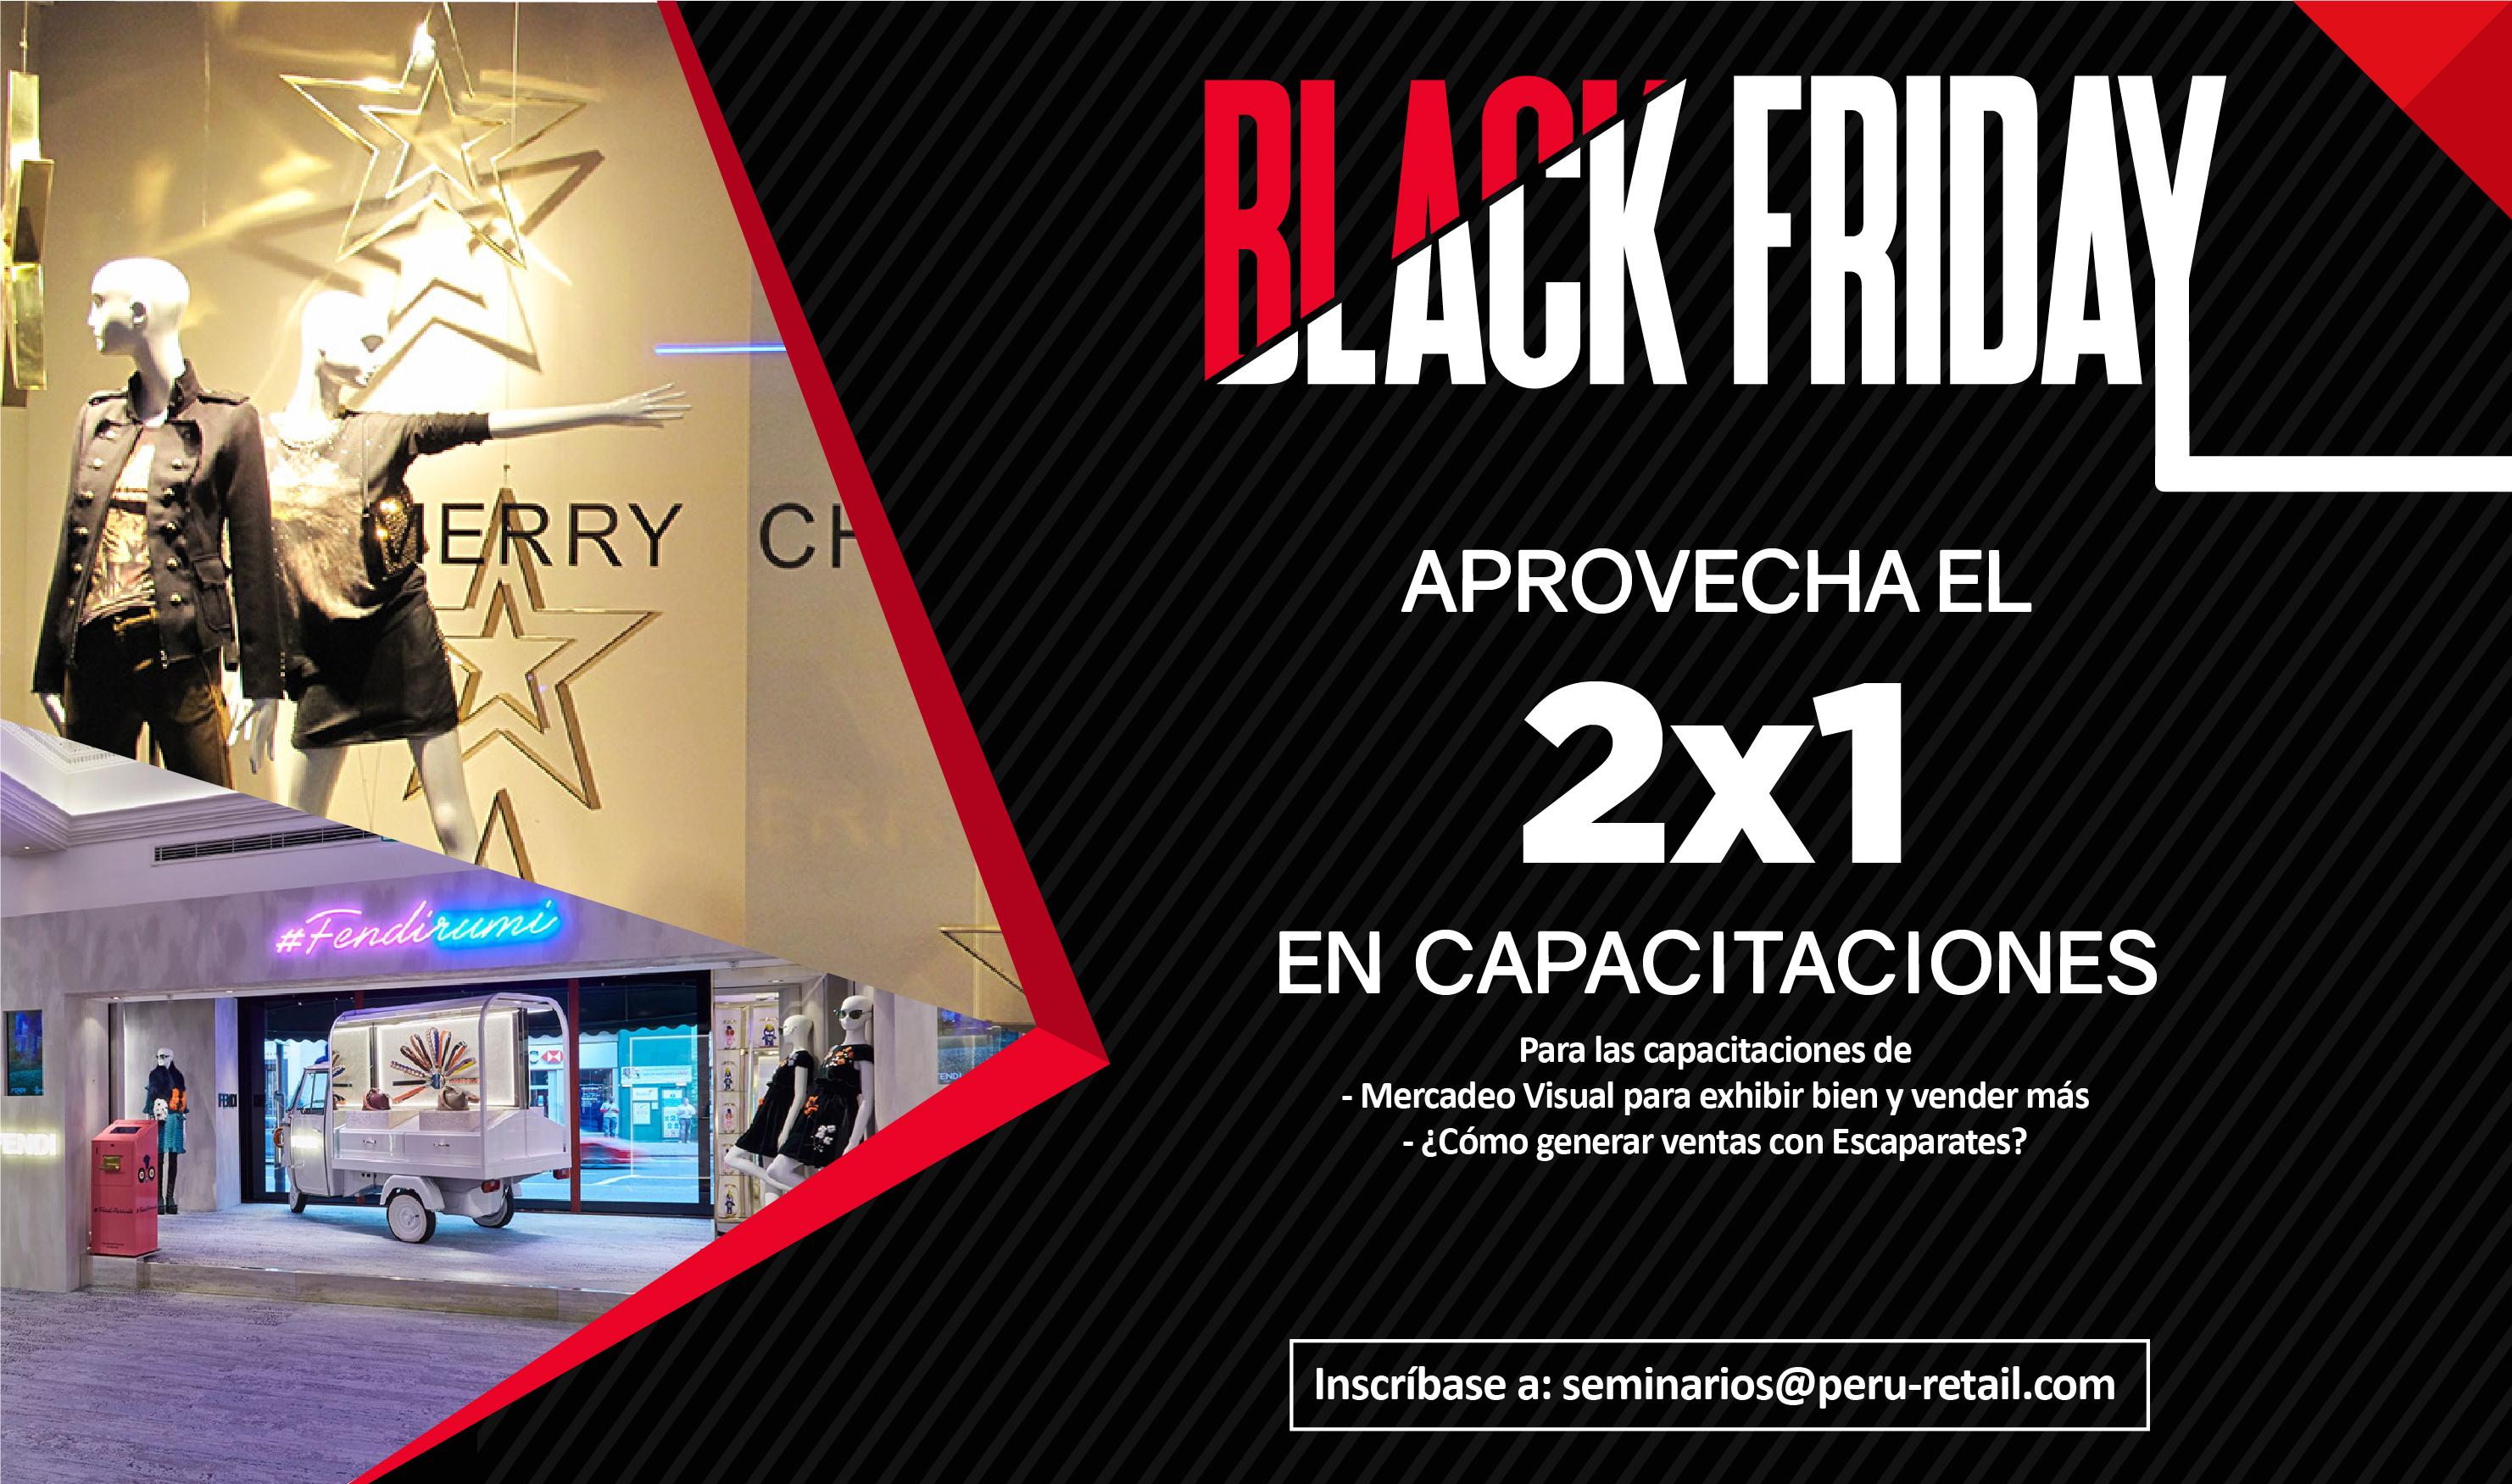 black fridays 01 - Solo por hoy aproveche el 2x1 en capacitaciones de Perú Retail